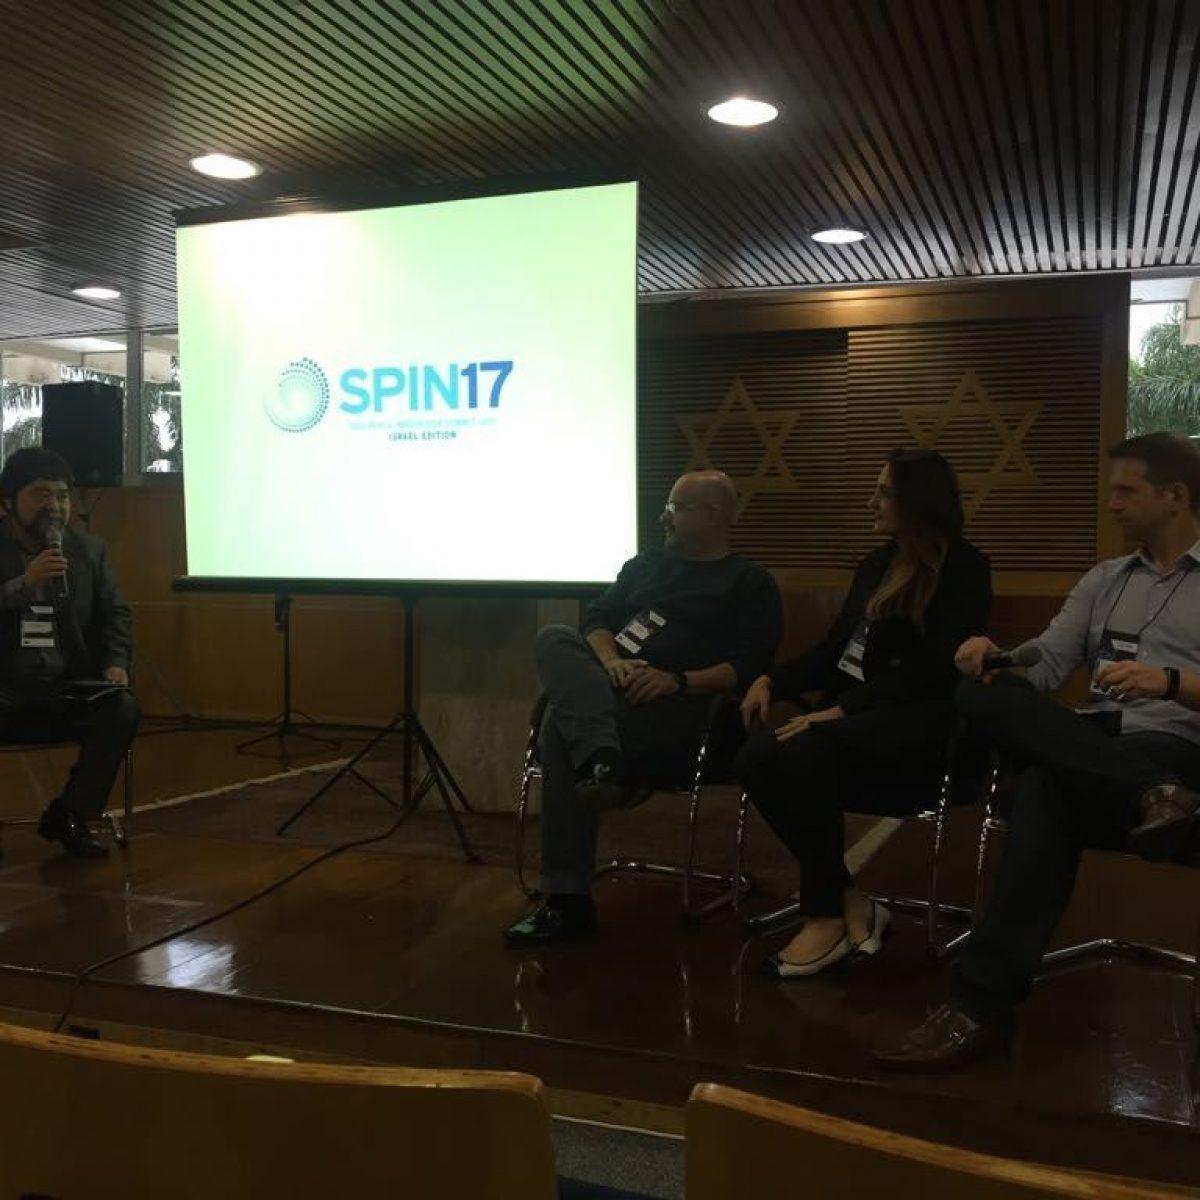 Spin Summit 2017